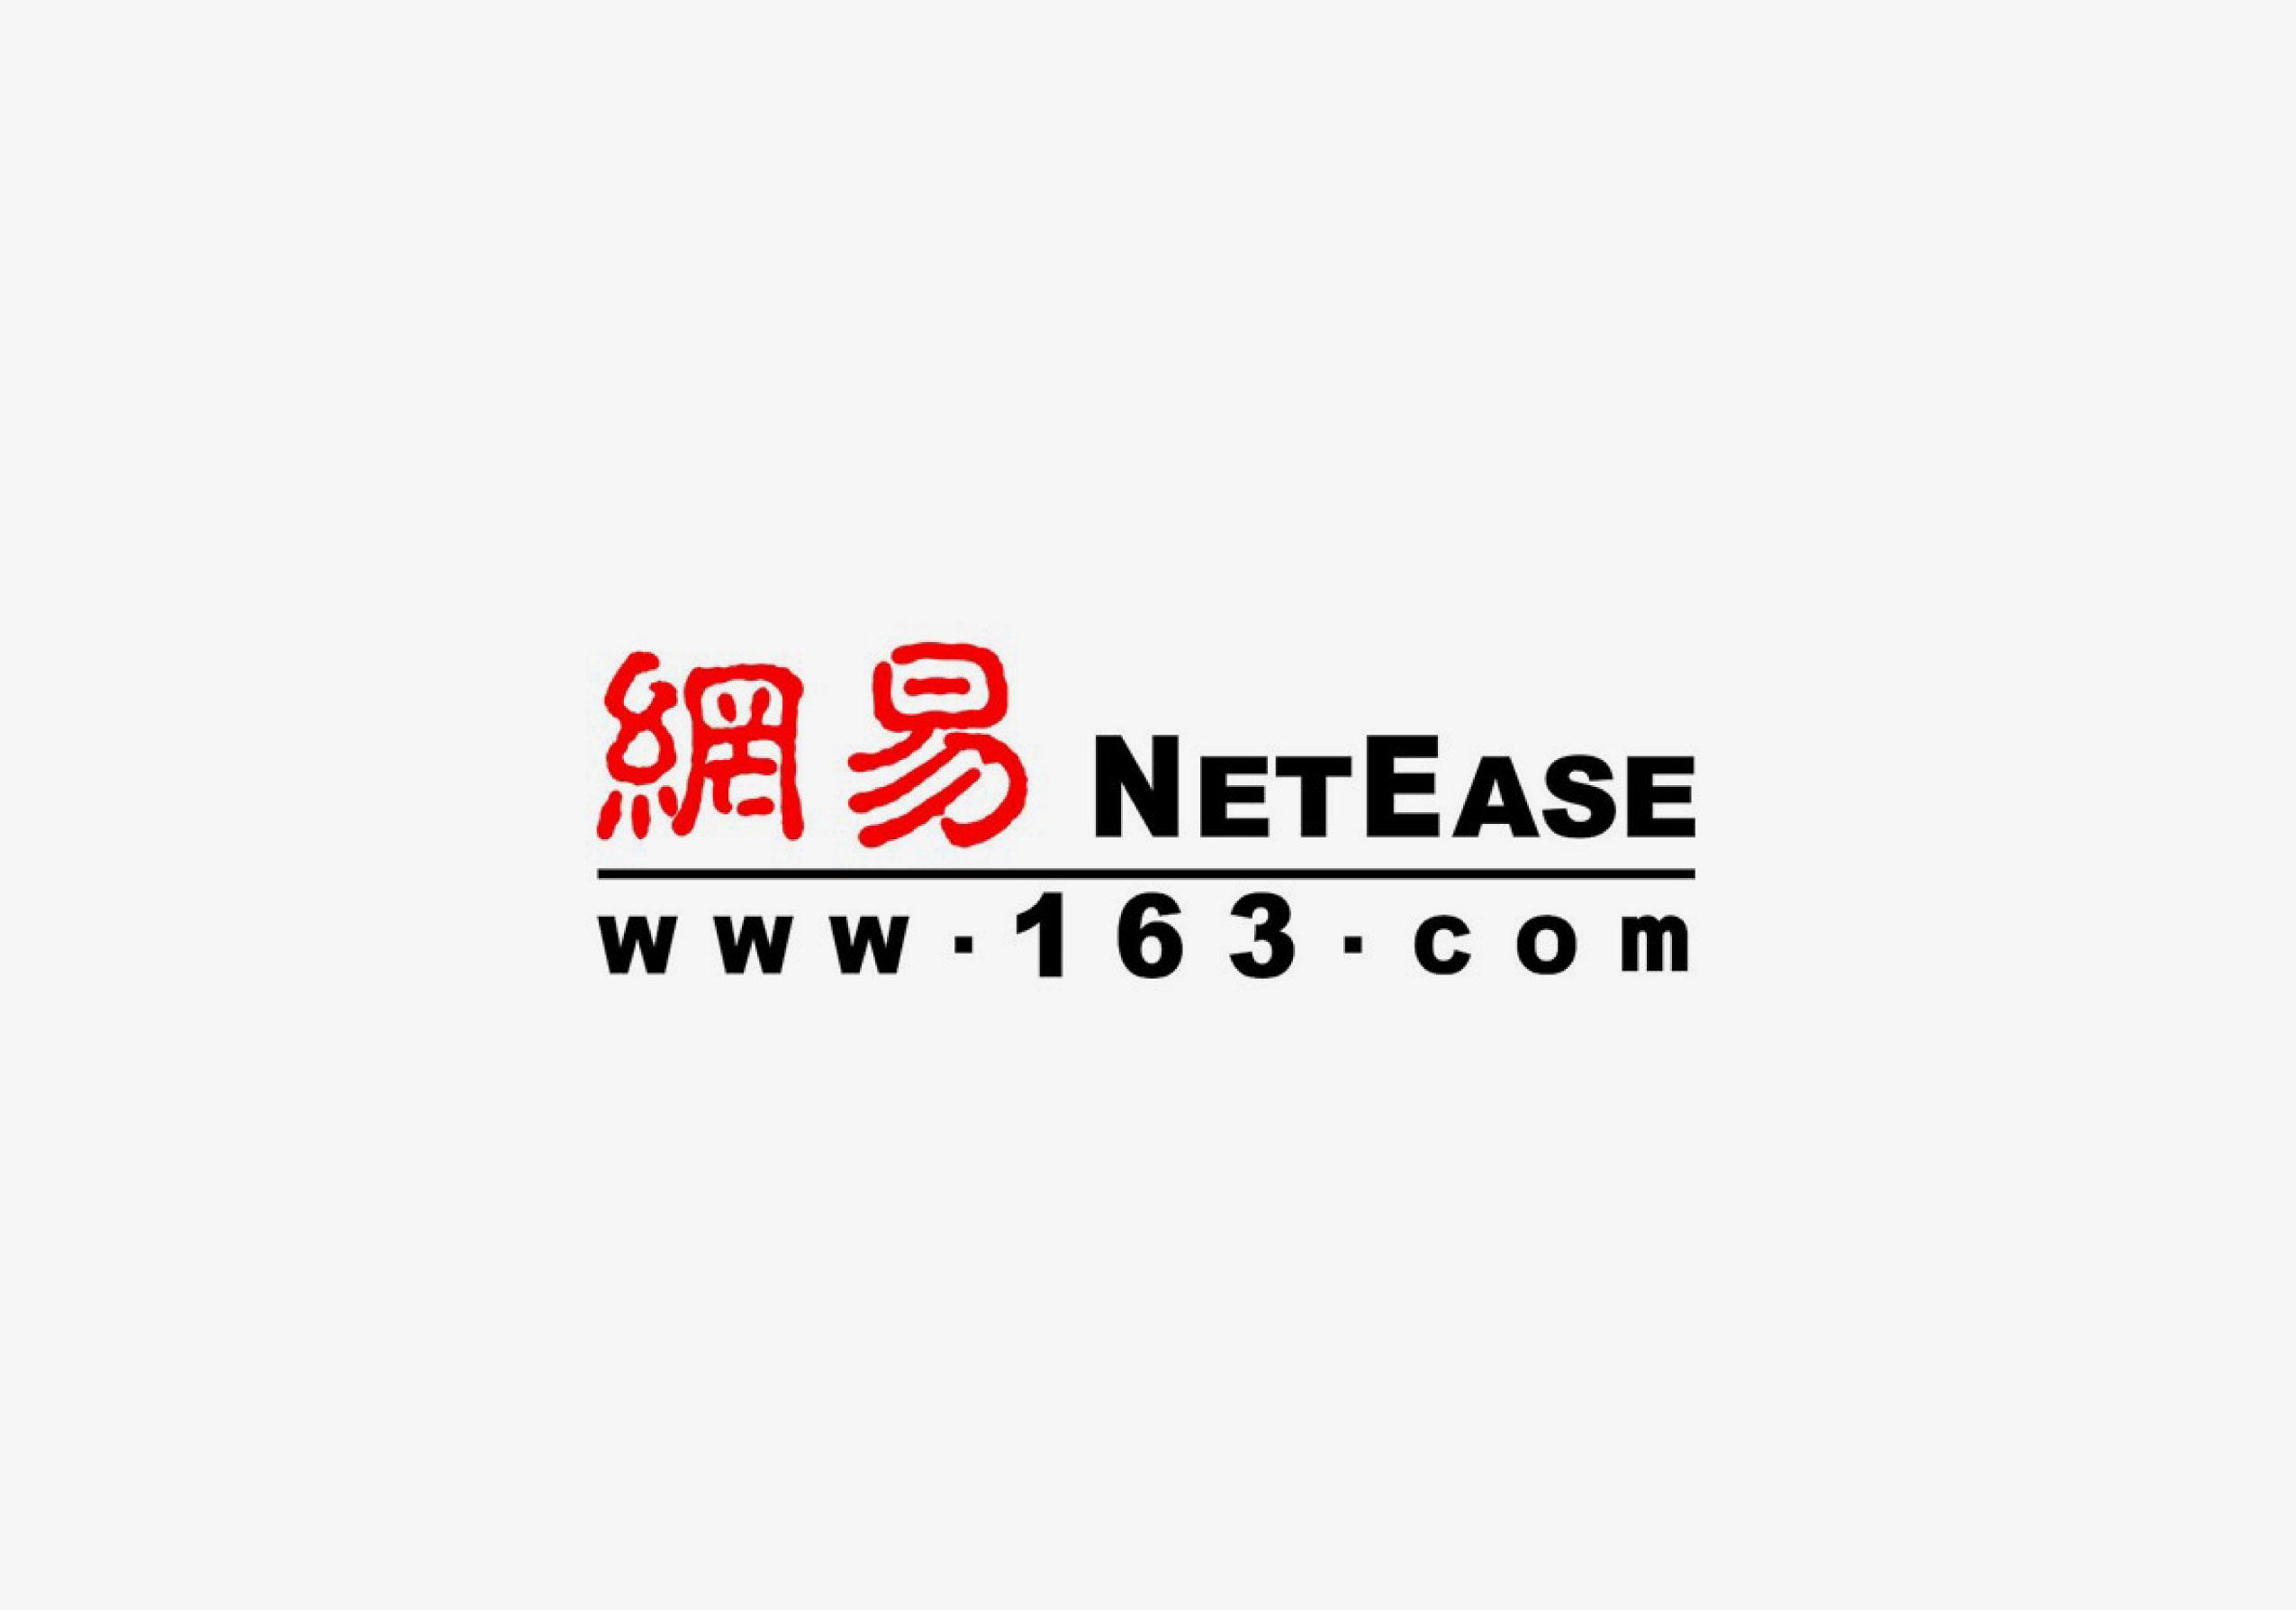 21网易-2015_广告设计_公司logo设计_vi系统_北京